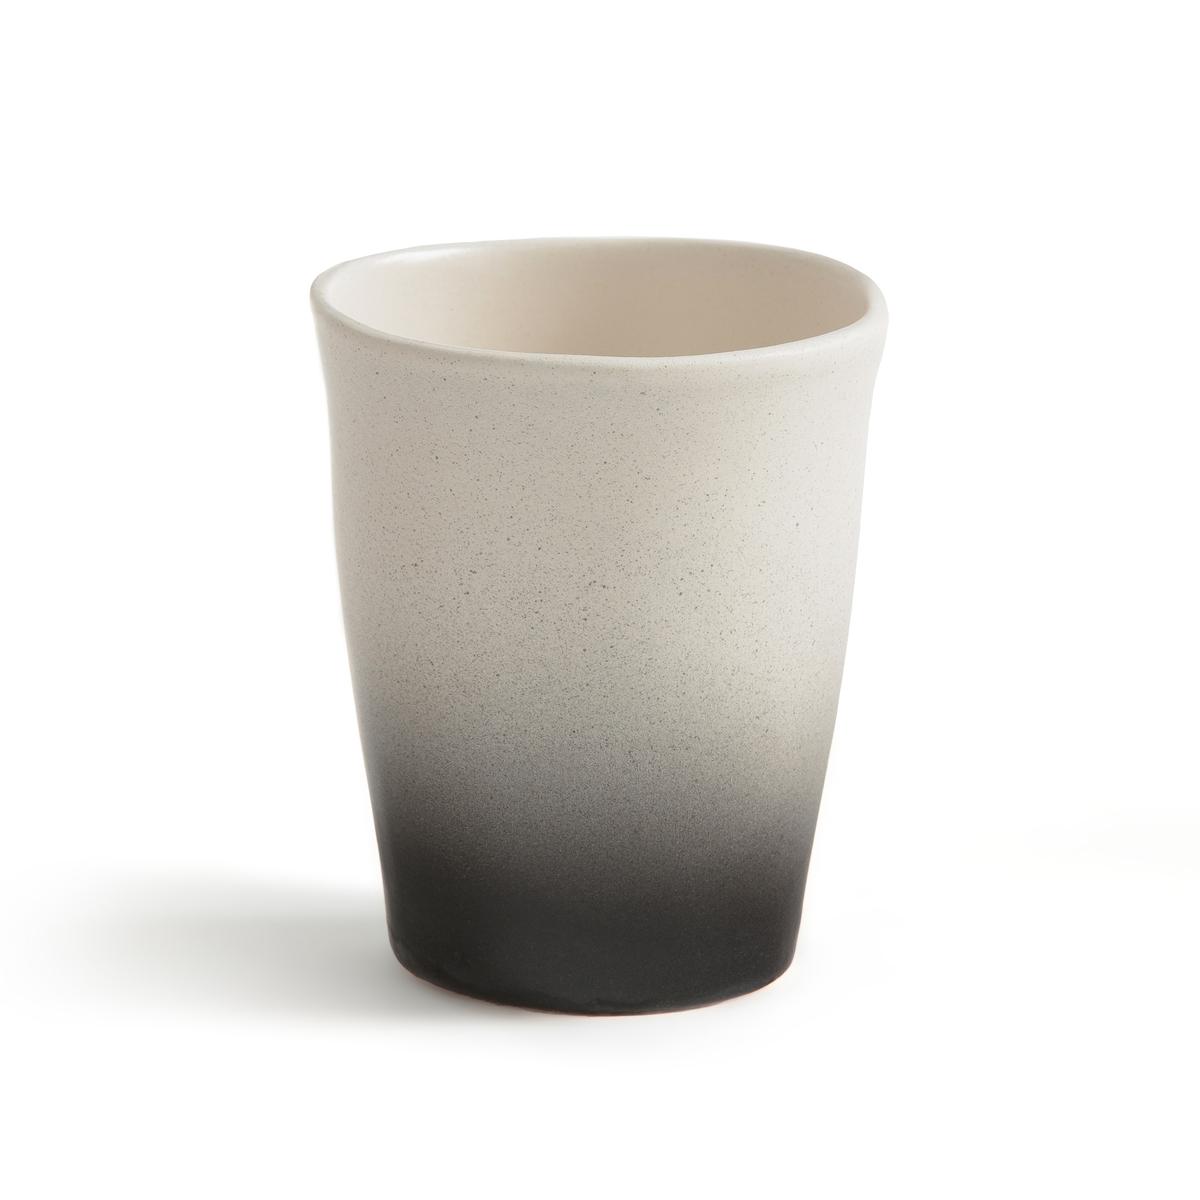 Комплект из 4 кофейных чашек из фаянса, Asaka, дизайн В. Барковски4 кофейные чашки Asaka. Творение Валери Барковски эксклюзивно для AM .PM коллекция предметов для стола, созданная под вдохновением от ее путешествий в Индию или Марокко, с оригинальными рисунками и формами, из натуральных материалов и текстуры ткани без отделки.Аутентичность и неподвластность времени - его ключевые слова, его творения отлично подходят для создания качественных товаров, неподвластных моде, сочетающих простоту, оригинальность и ручное производство.Без ручки для большей легкости, из фаянса, покрытого глазурью, с оригинальной отделкой: верх с гладкой поверхностью белого цвета и низ с необработанной и слегка шероховатой поверхностью черного цвета. Характеристики : - Из фаянса, покрытого глазурью- Можно использовать в микроволновой печи и мыть в посудомоечной машине. - Объем 200 мл.Размеры : - диаметр 7,5 x высота 9 см<br><br>Цвет: черный/ белый<br>Размер: единый размер